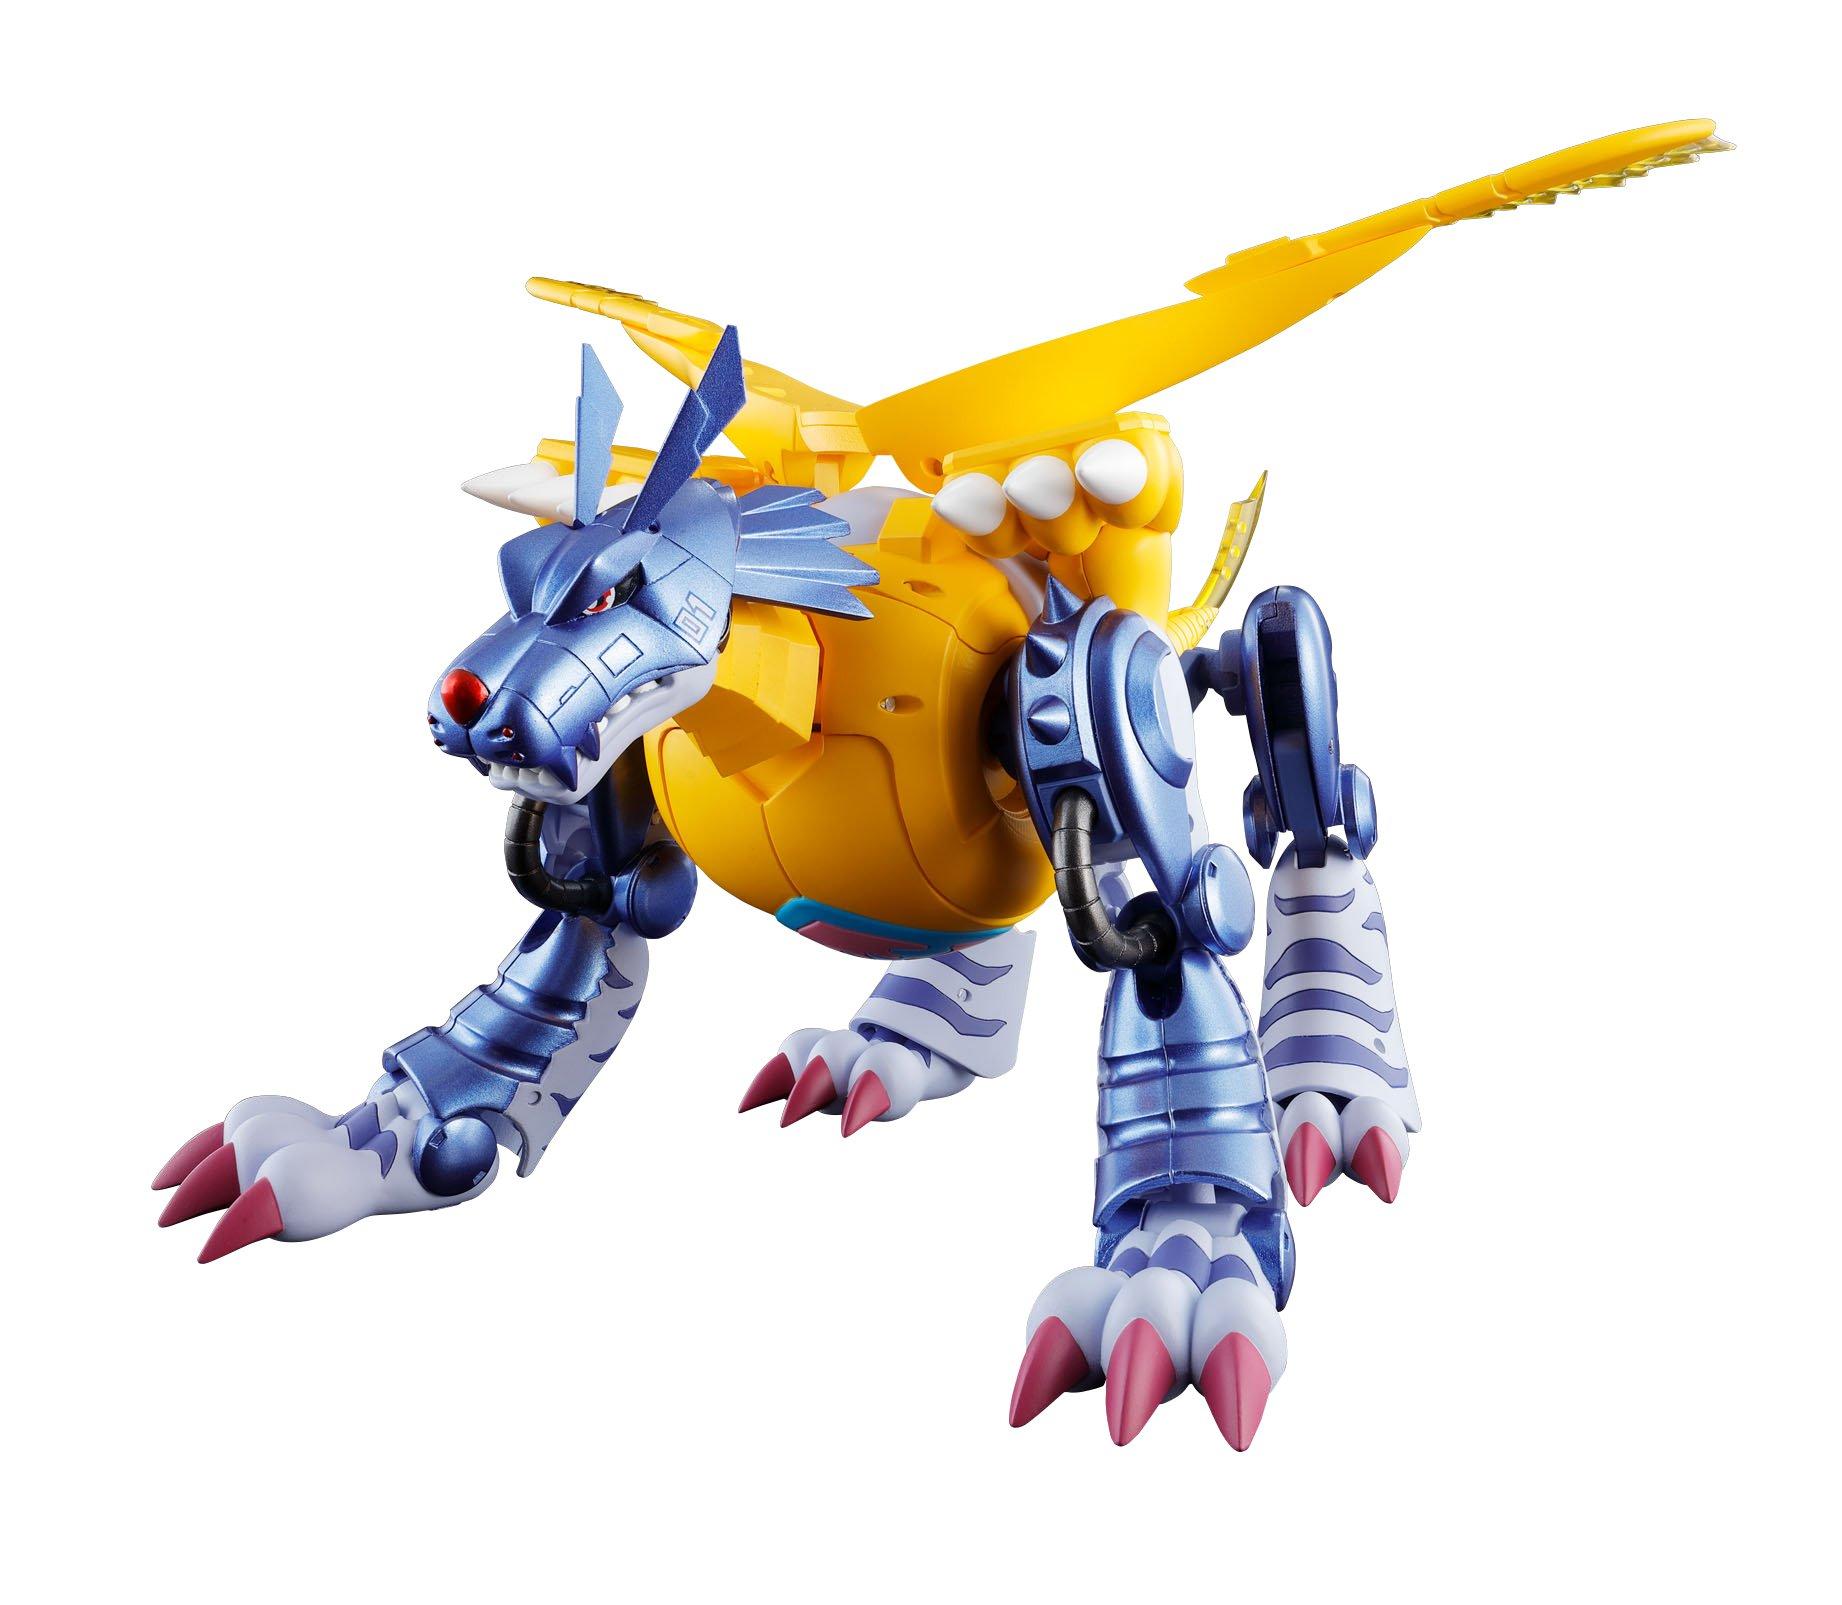 Tamashii Nations Bandai Digivolving Spirits 02 Metal Garurumon Digimon Action Figure